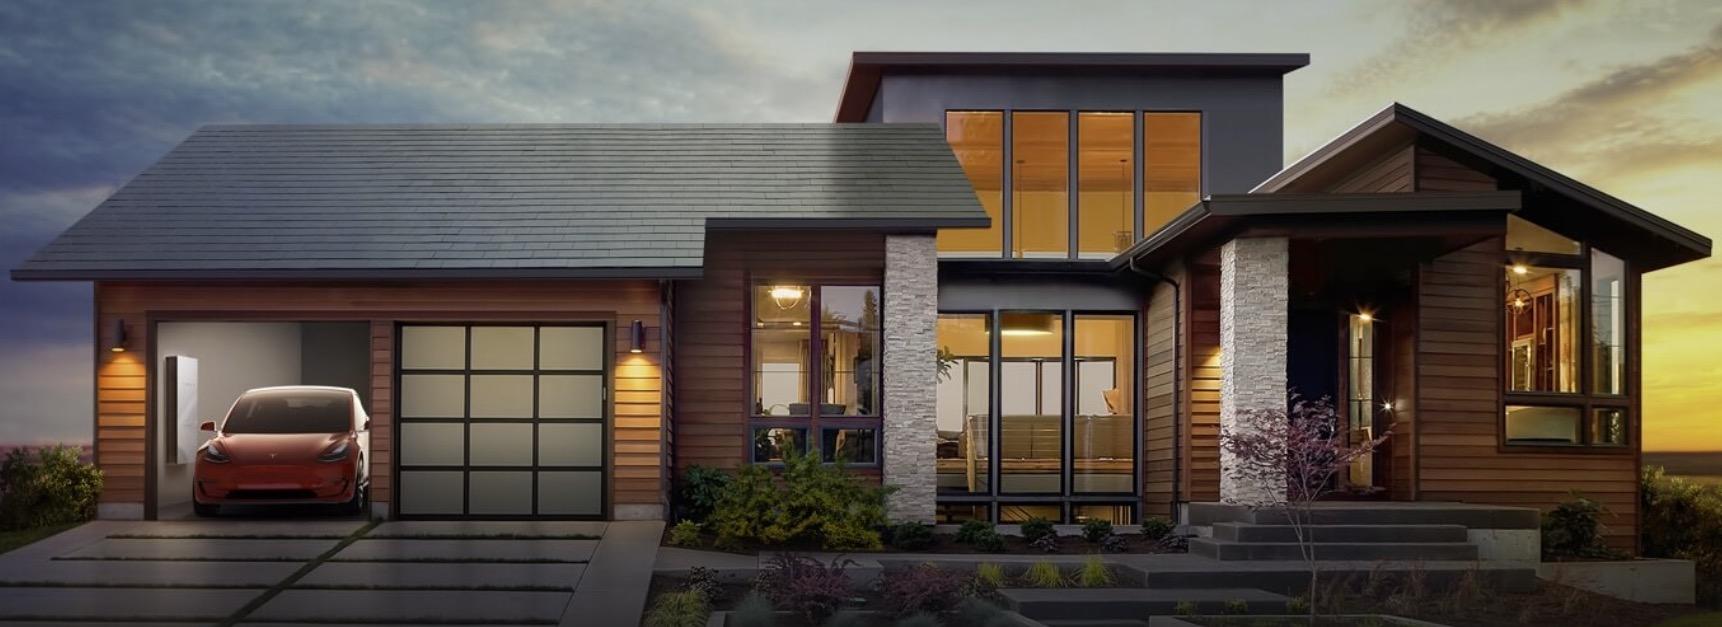 Tesla – tak, ta od samochodów – pokazała właśnie dach. Tak, dach